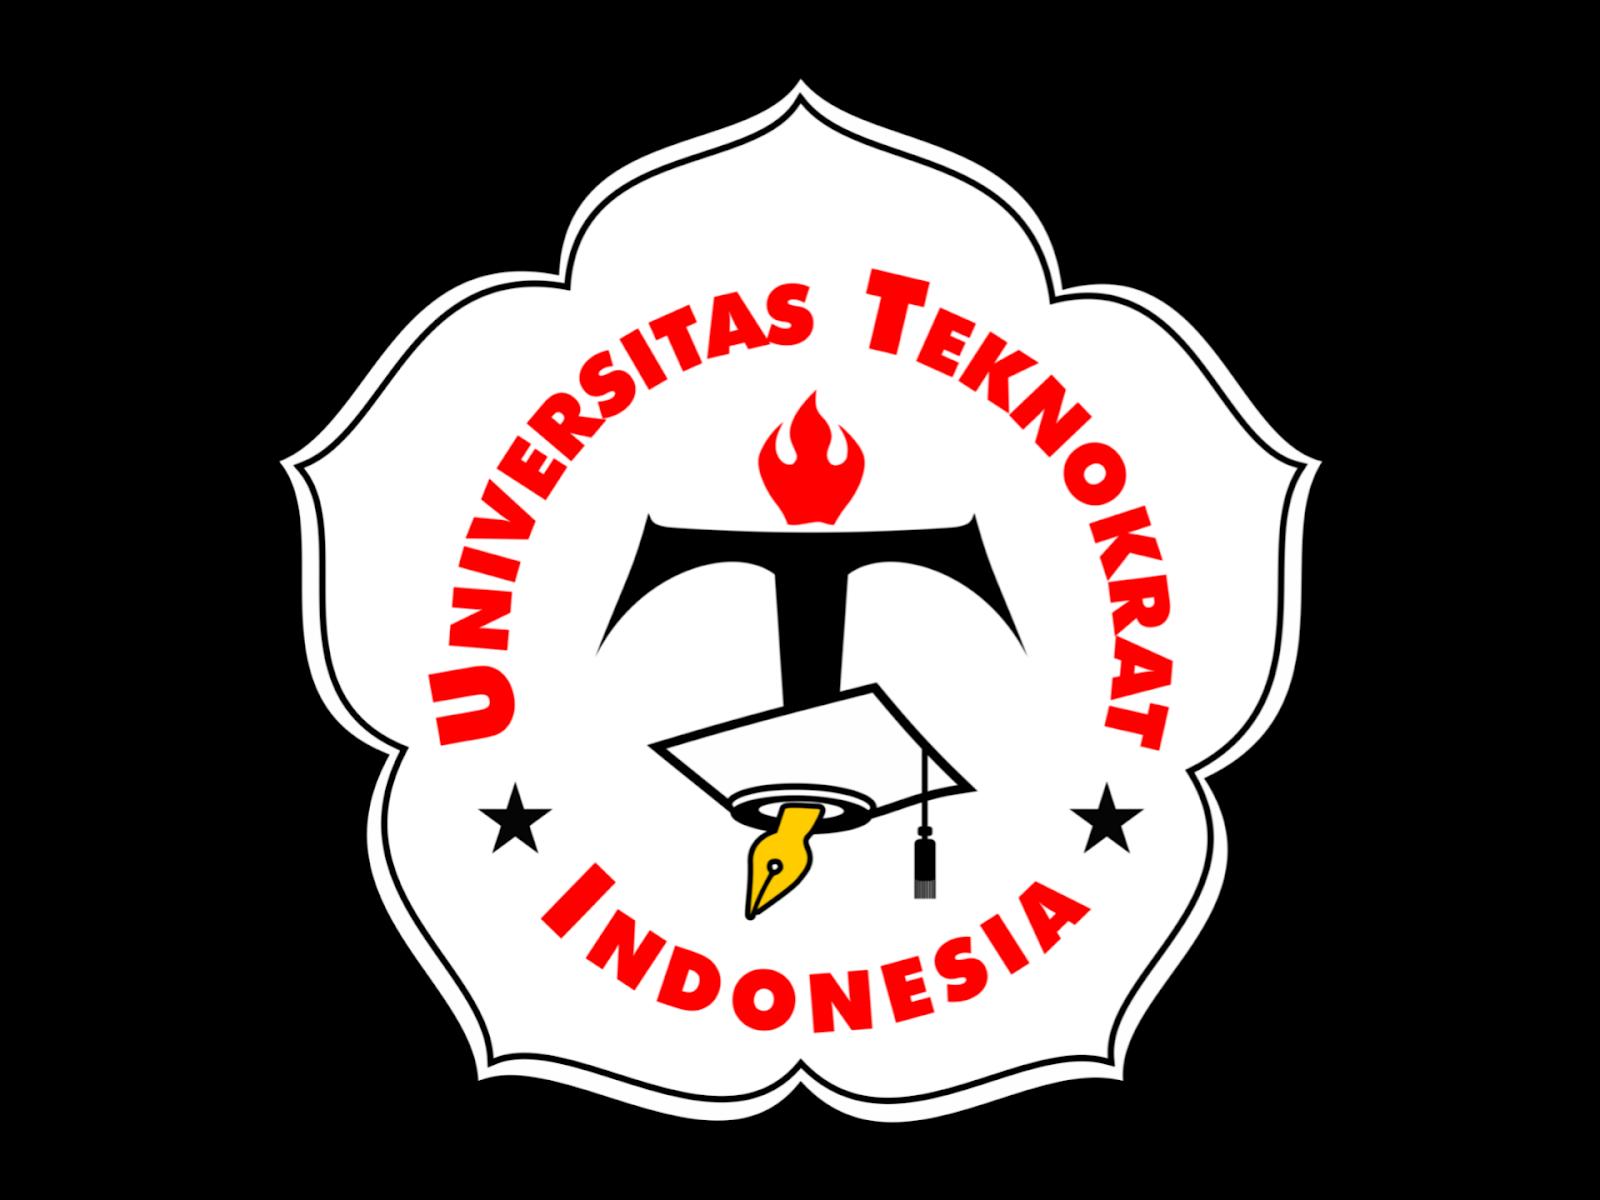 Logo Universitas Teknokrat Indonesia Format PNG